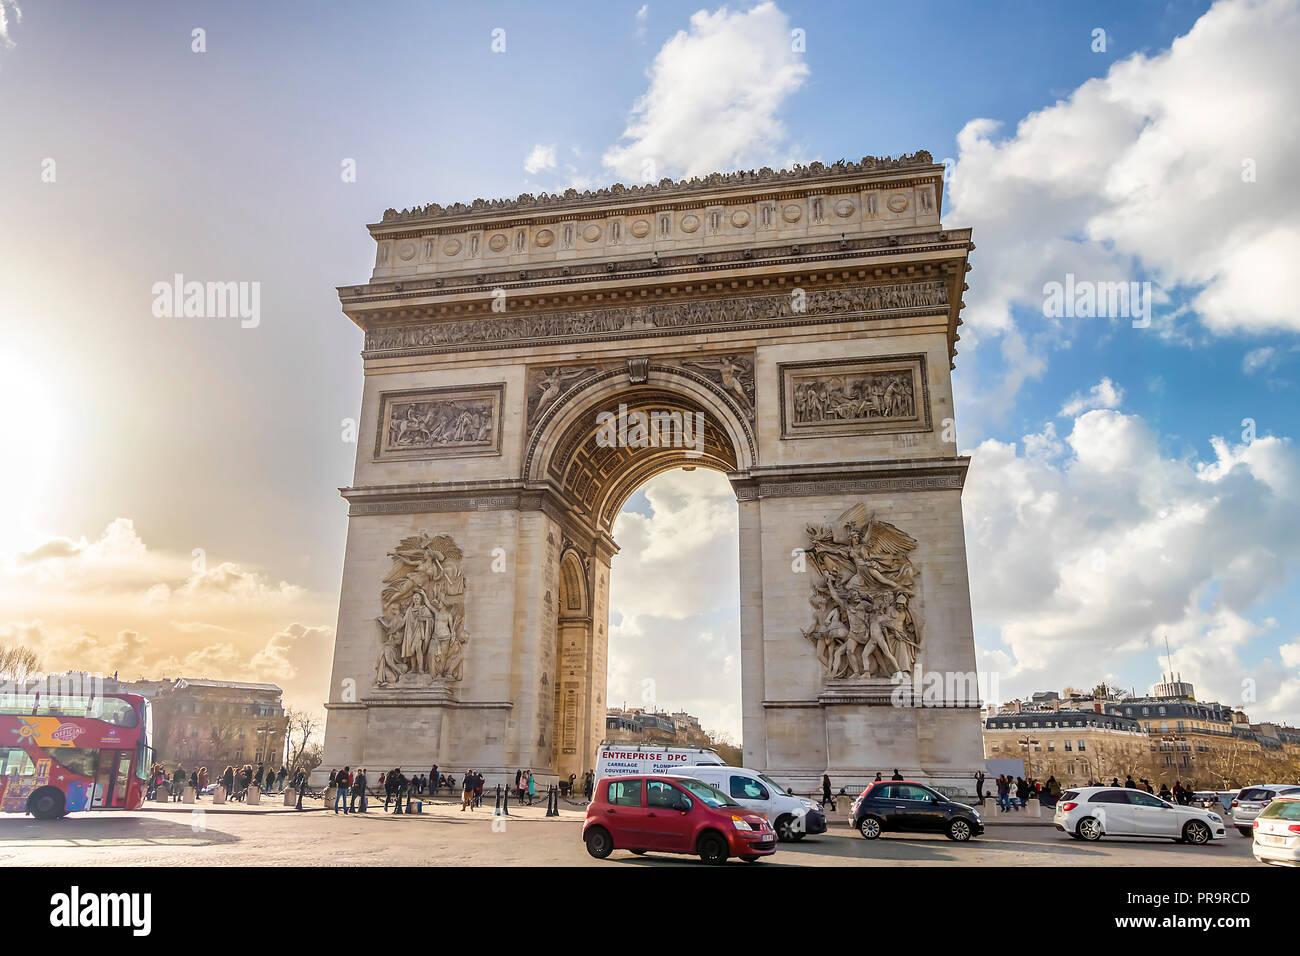 Parigi, Francia - 14 Marzo 2018: vista di Arc de Triomphe con la trafficata strada di ciottoli, in controluce, al tramonto Immagini Stock